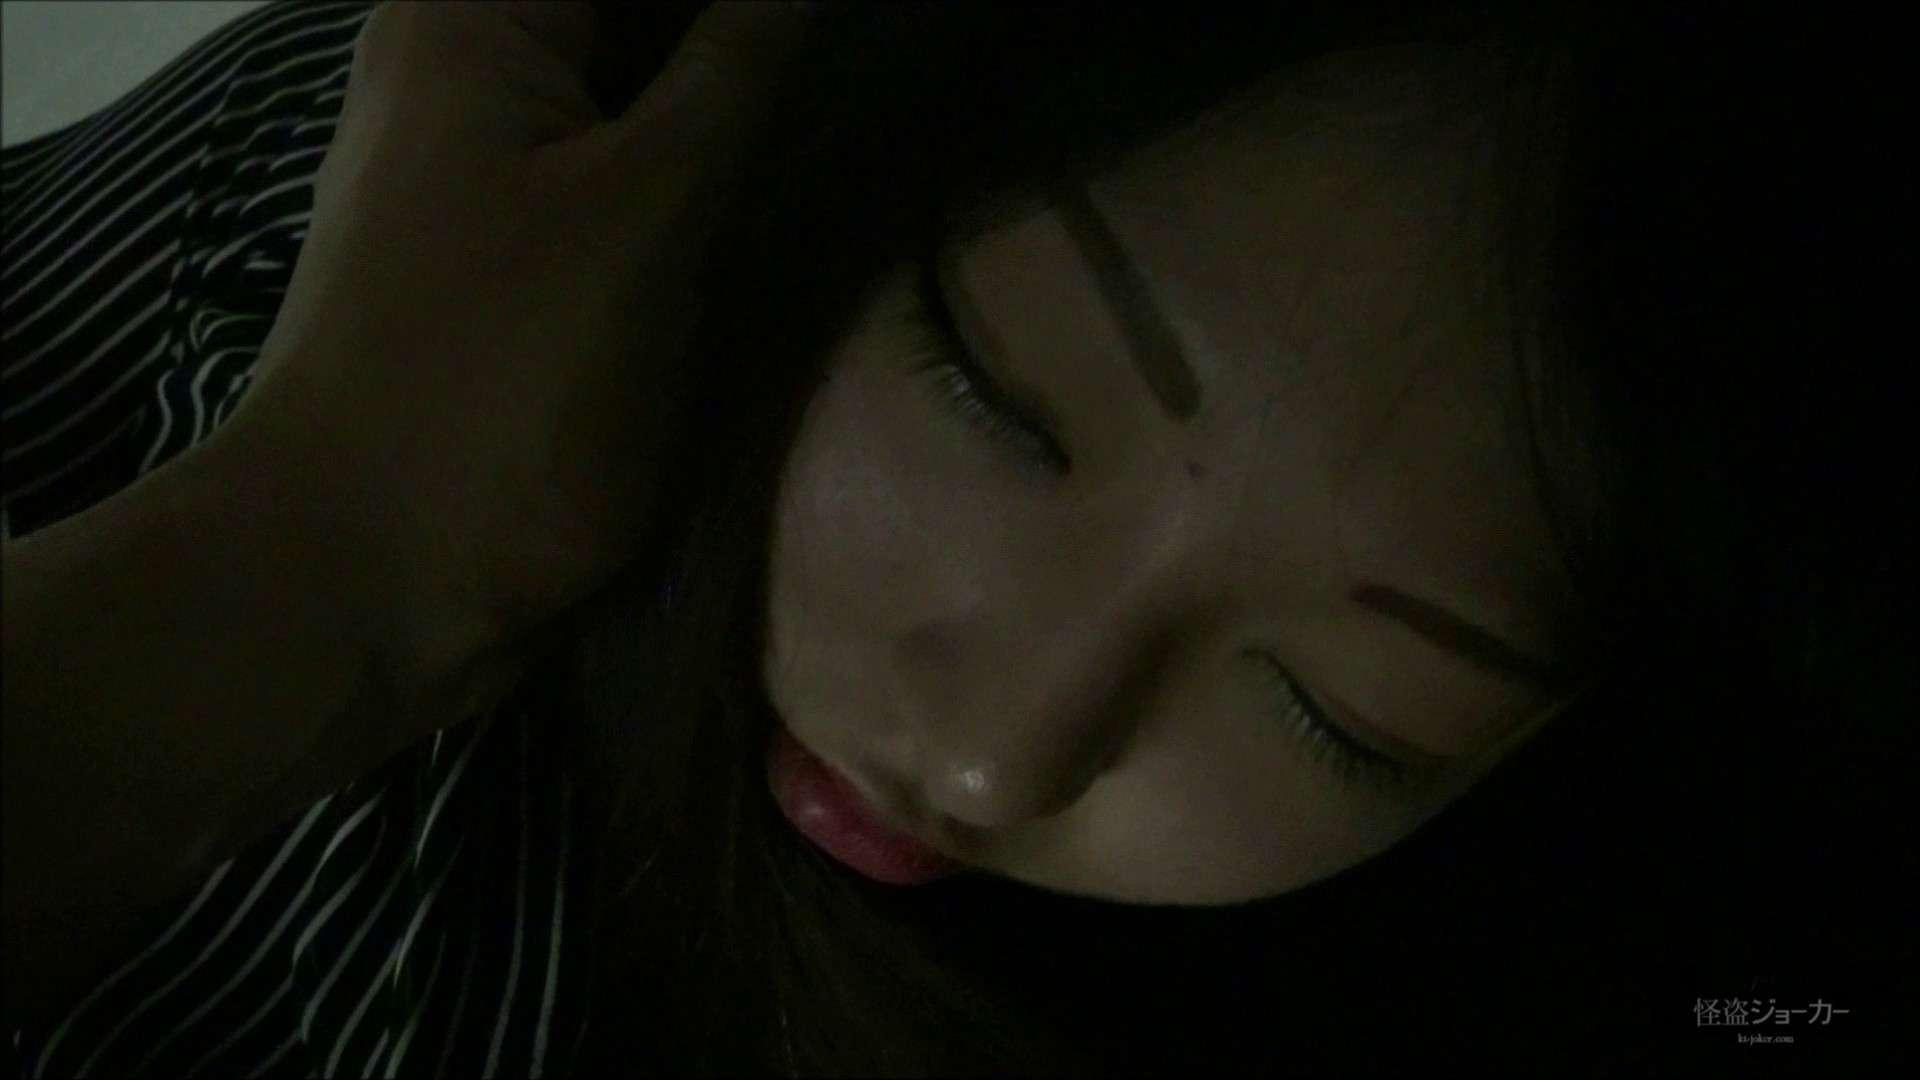 【未公開】vol.89 {黒髪女子18歳}押しに弱いYURIちゃん。 知人のセックス ぱこり動画紹介 66PIX 5